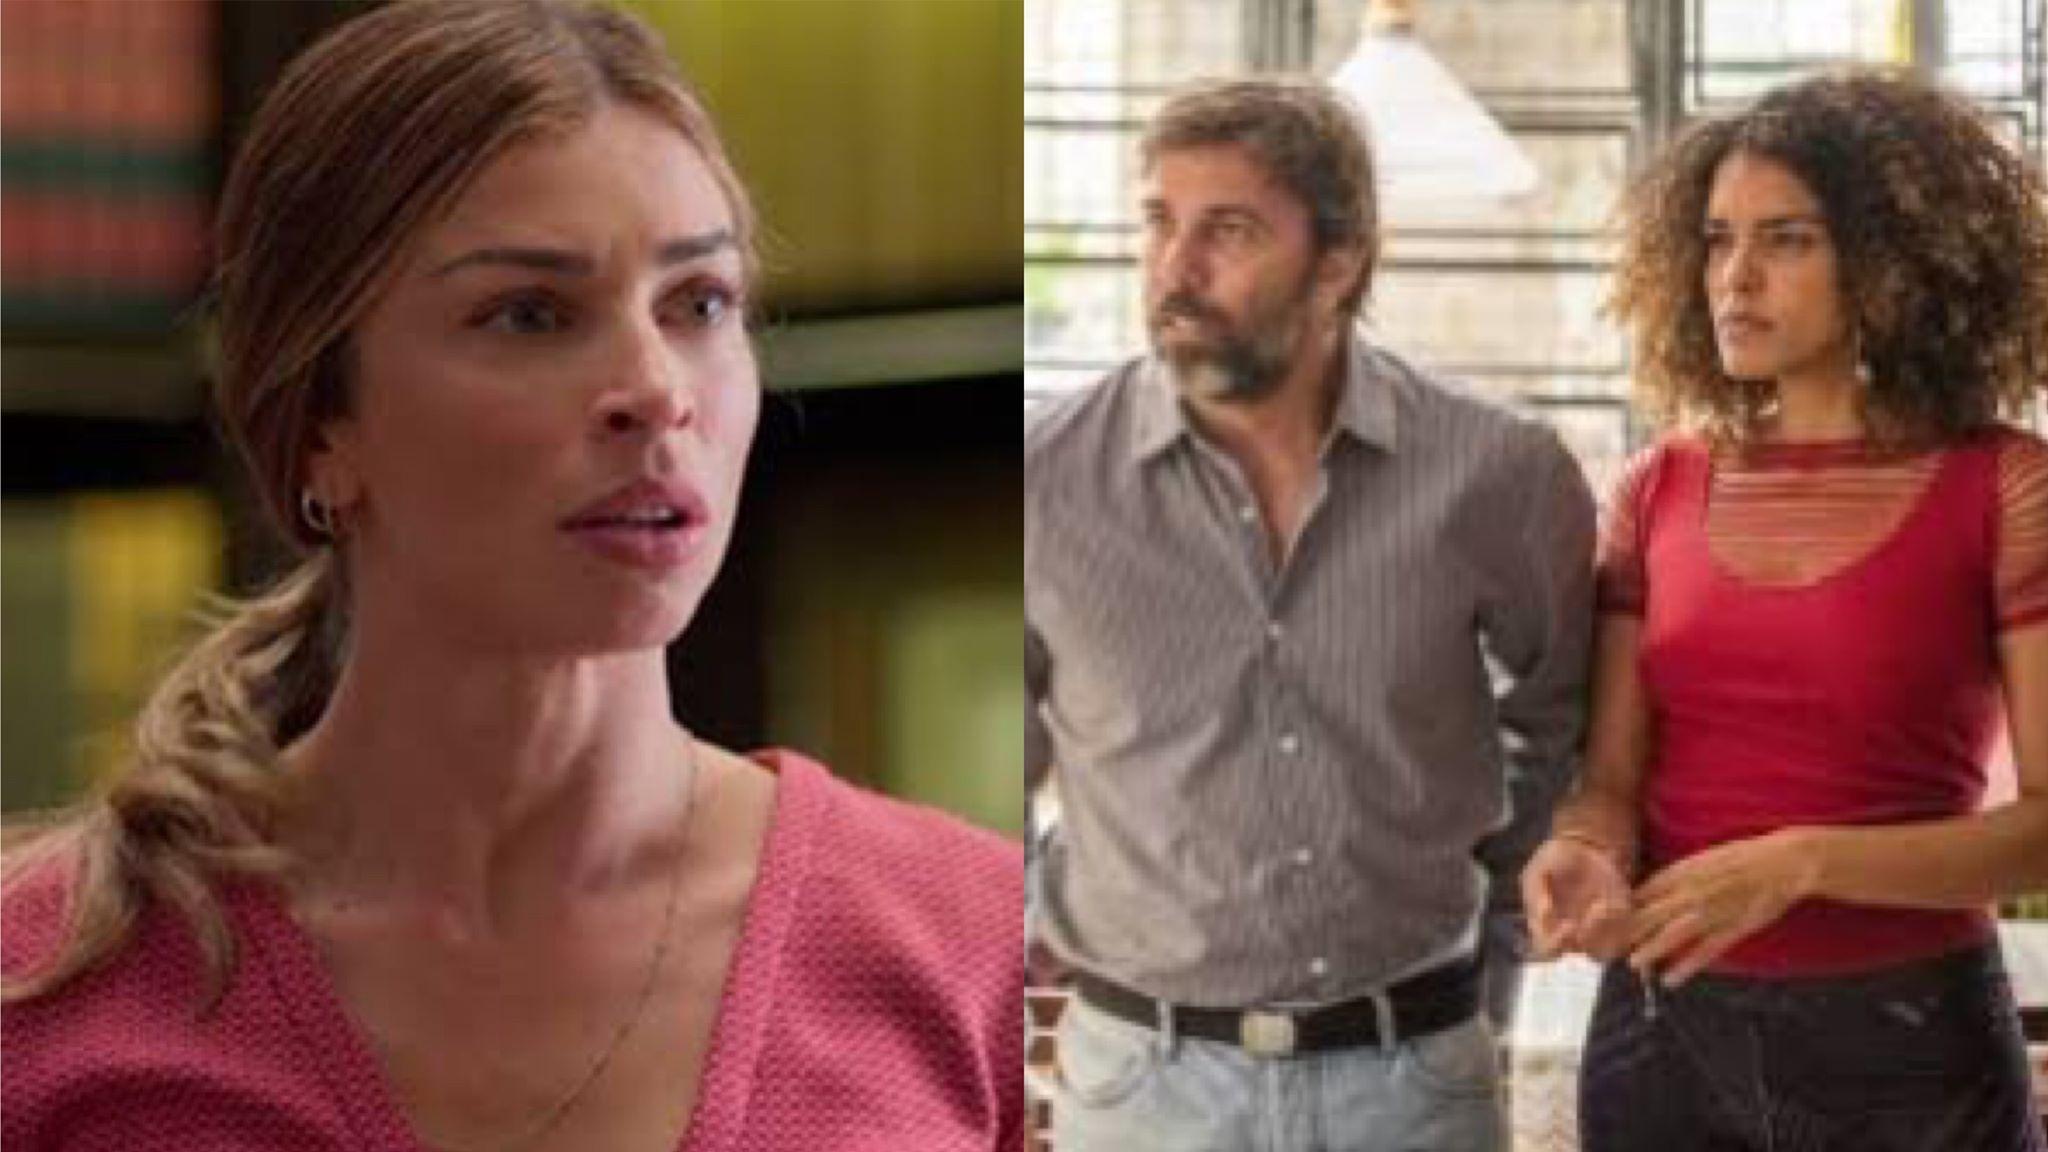 Em Bom Sucesso da Globo, Paloma será atacada por Rosemary, a atual mulher de Elias (Montagem: TV Foco)